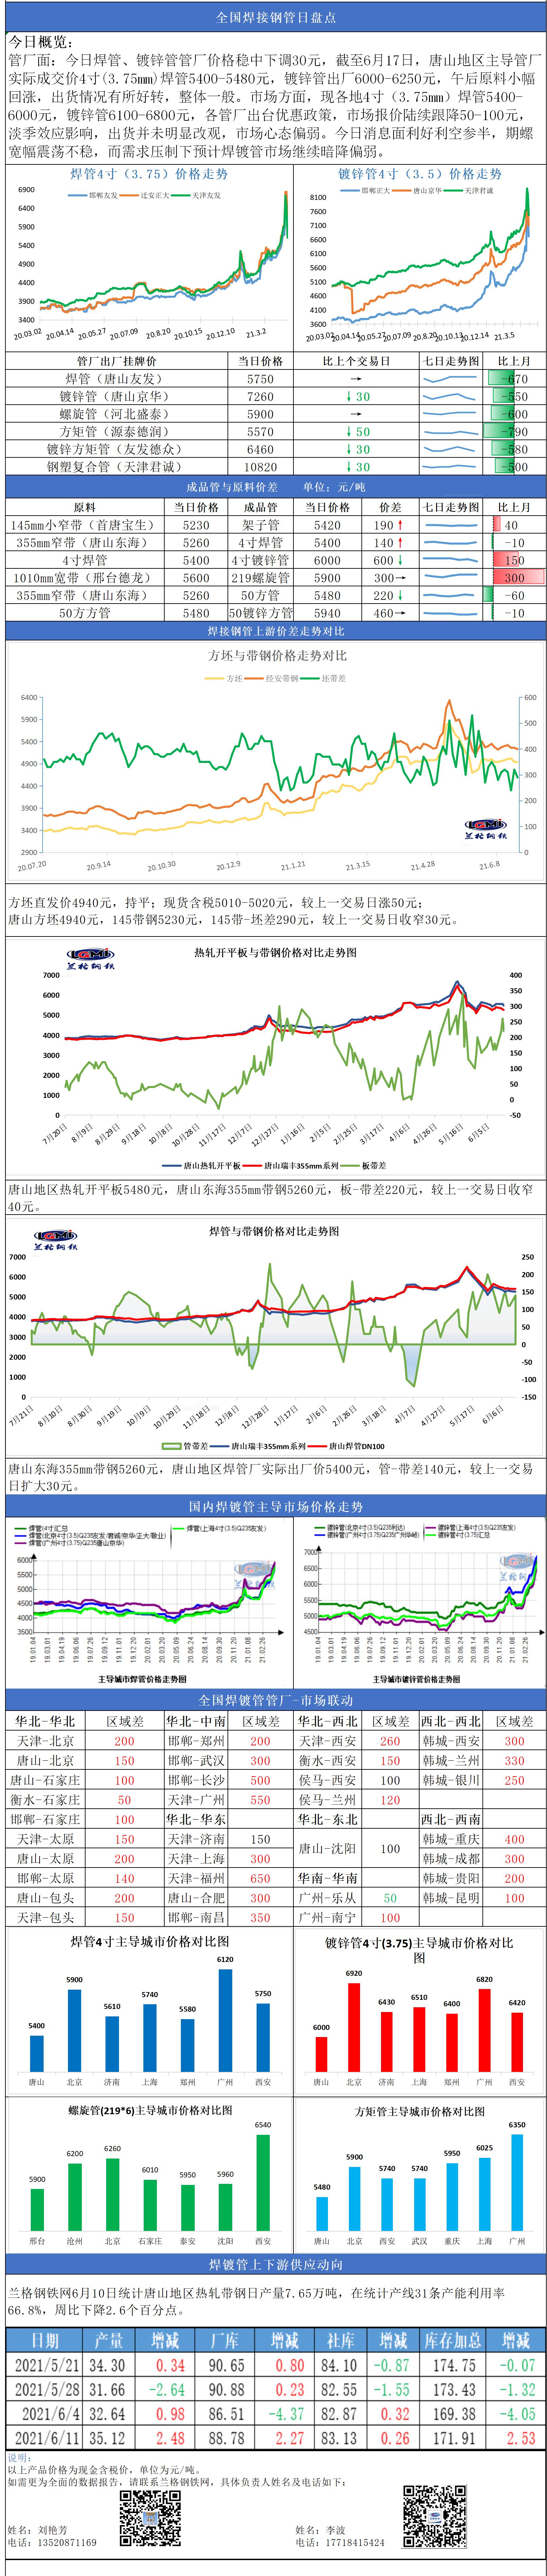 兰格焊接钢管日盘点(6.17): 期钢翻红 现货观望 焊镀管市场暗降走低